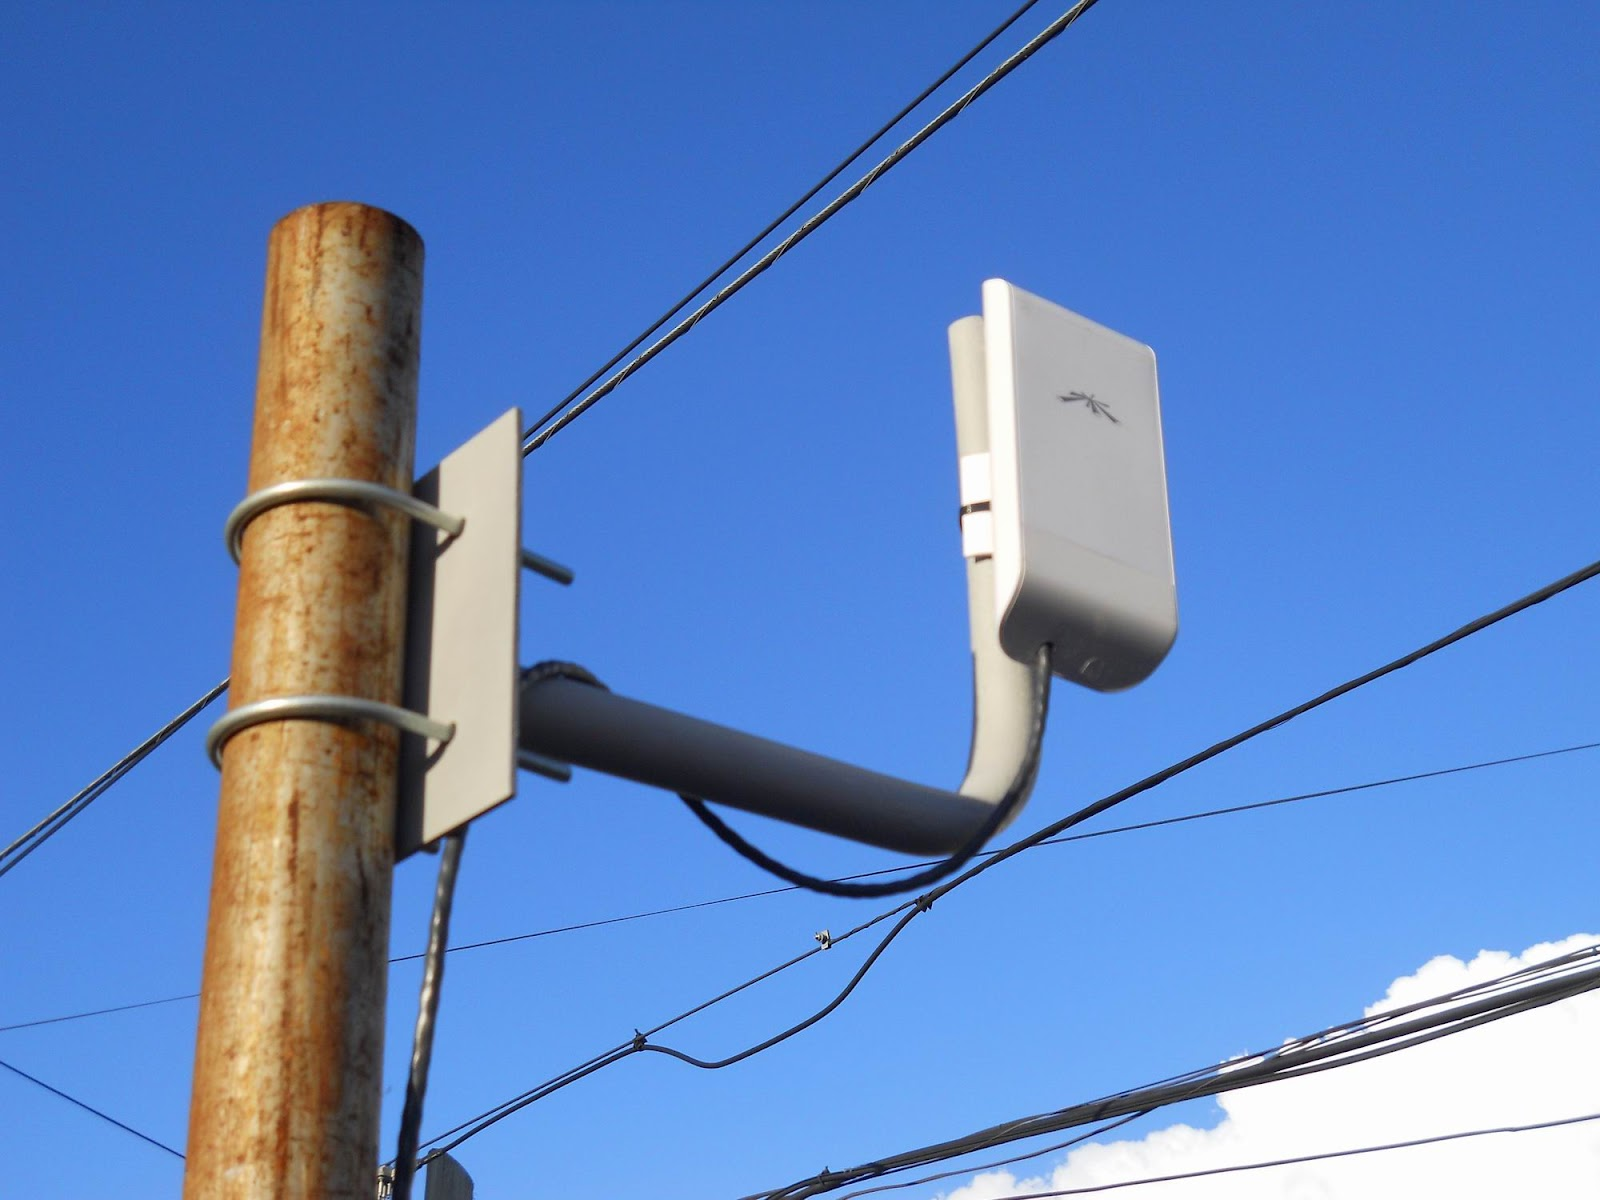 Lolotelco morseteria casera para antenas - Soporte para antena ...